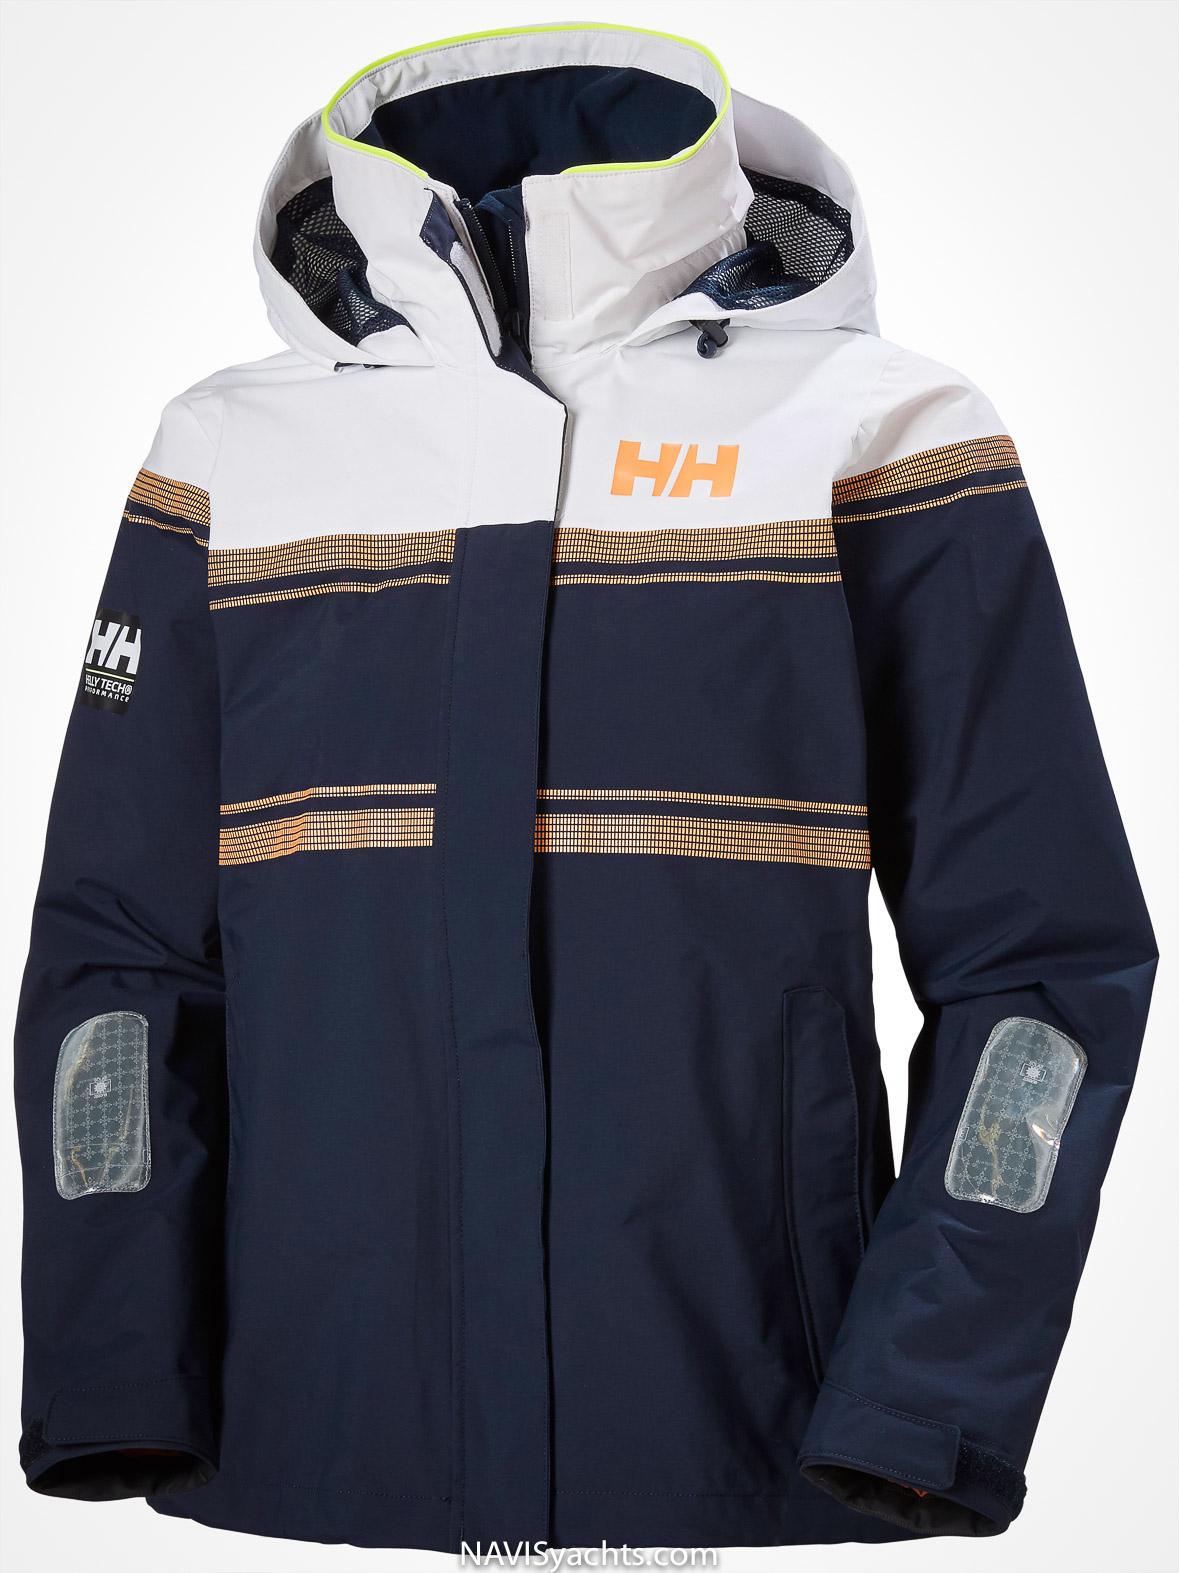 Helly Hansen Saltro Jacket Price